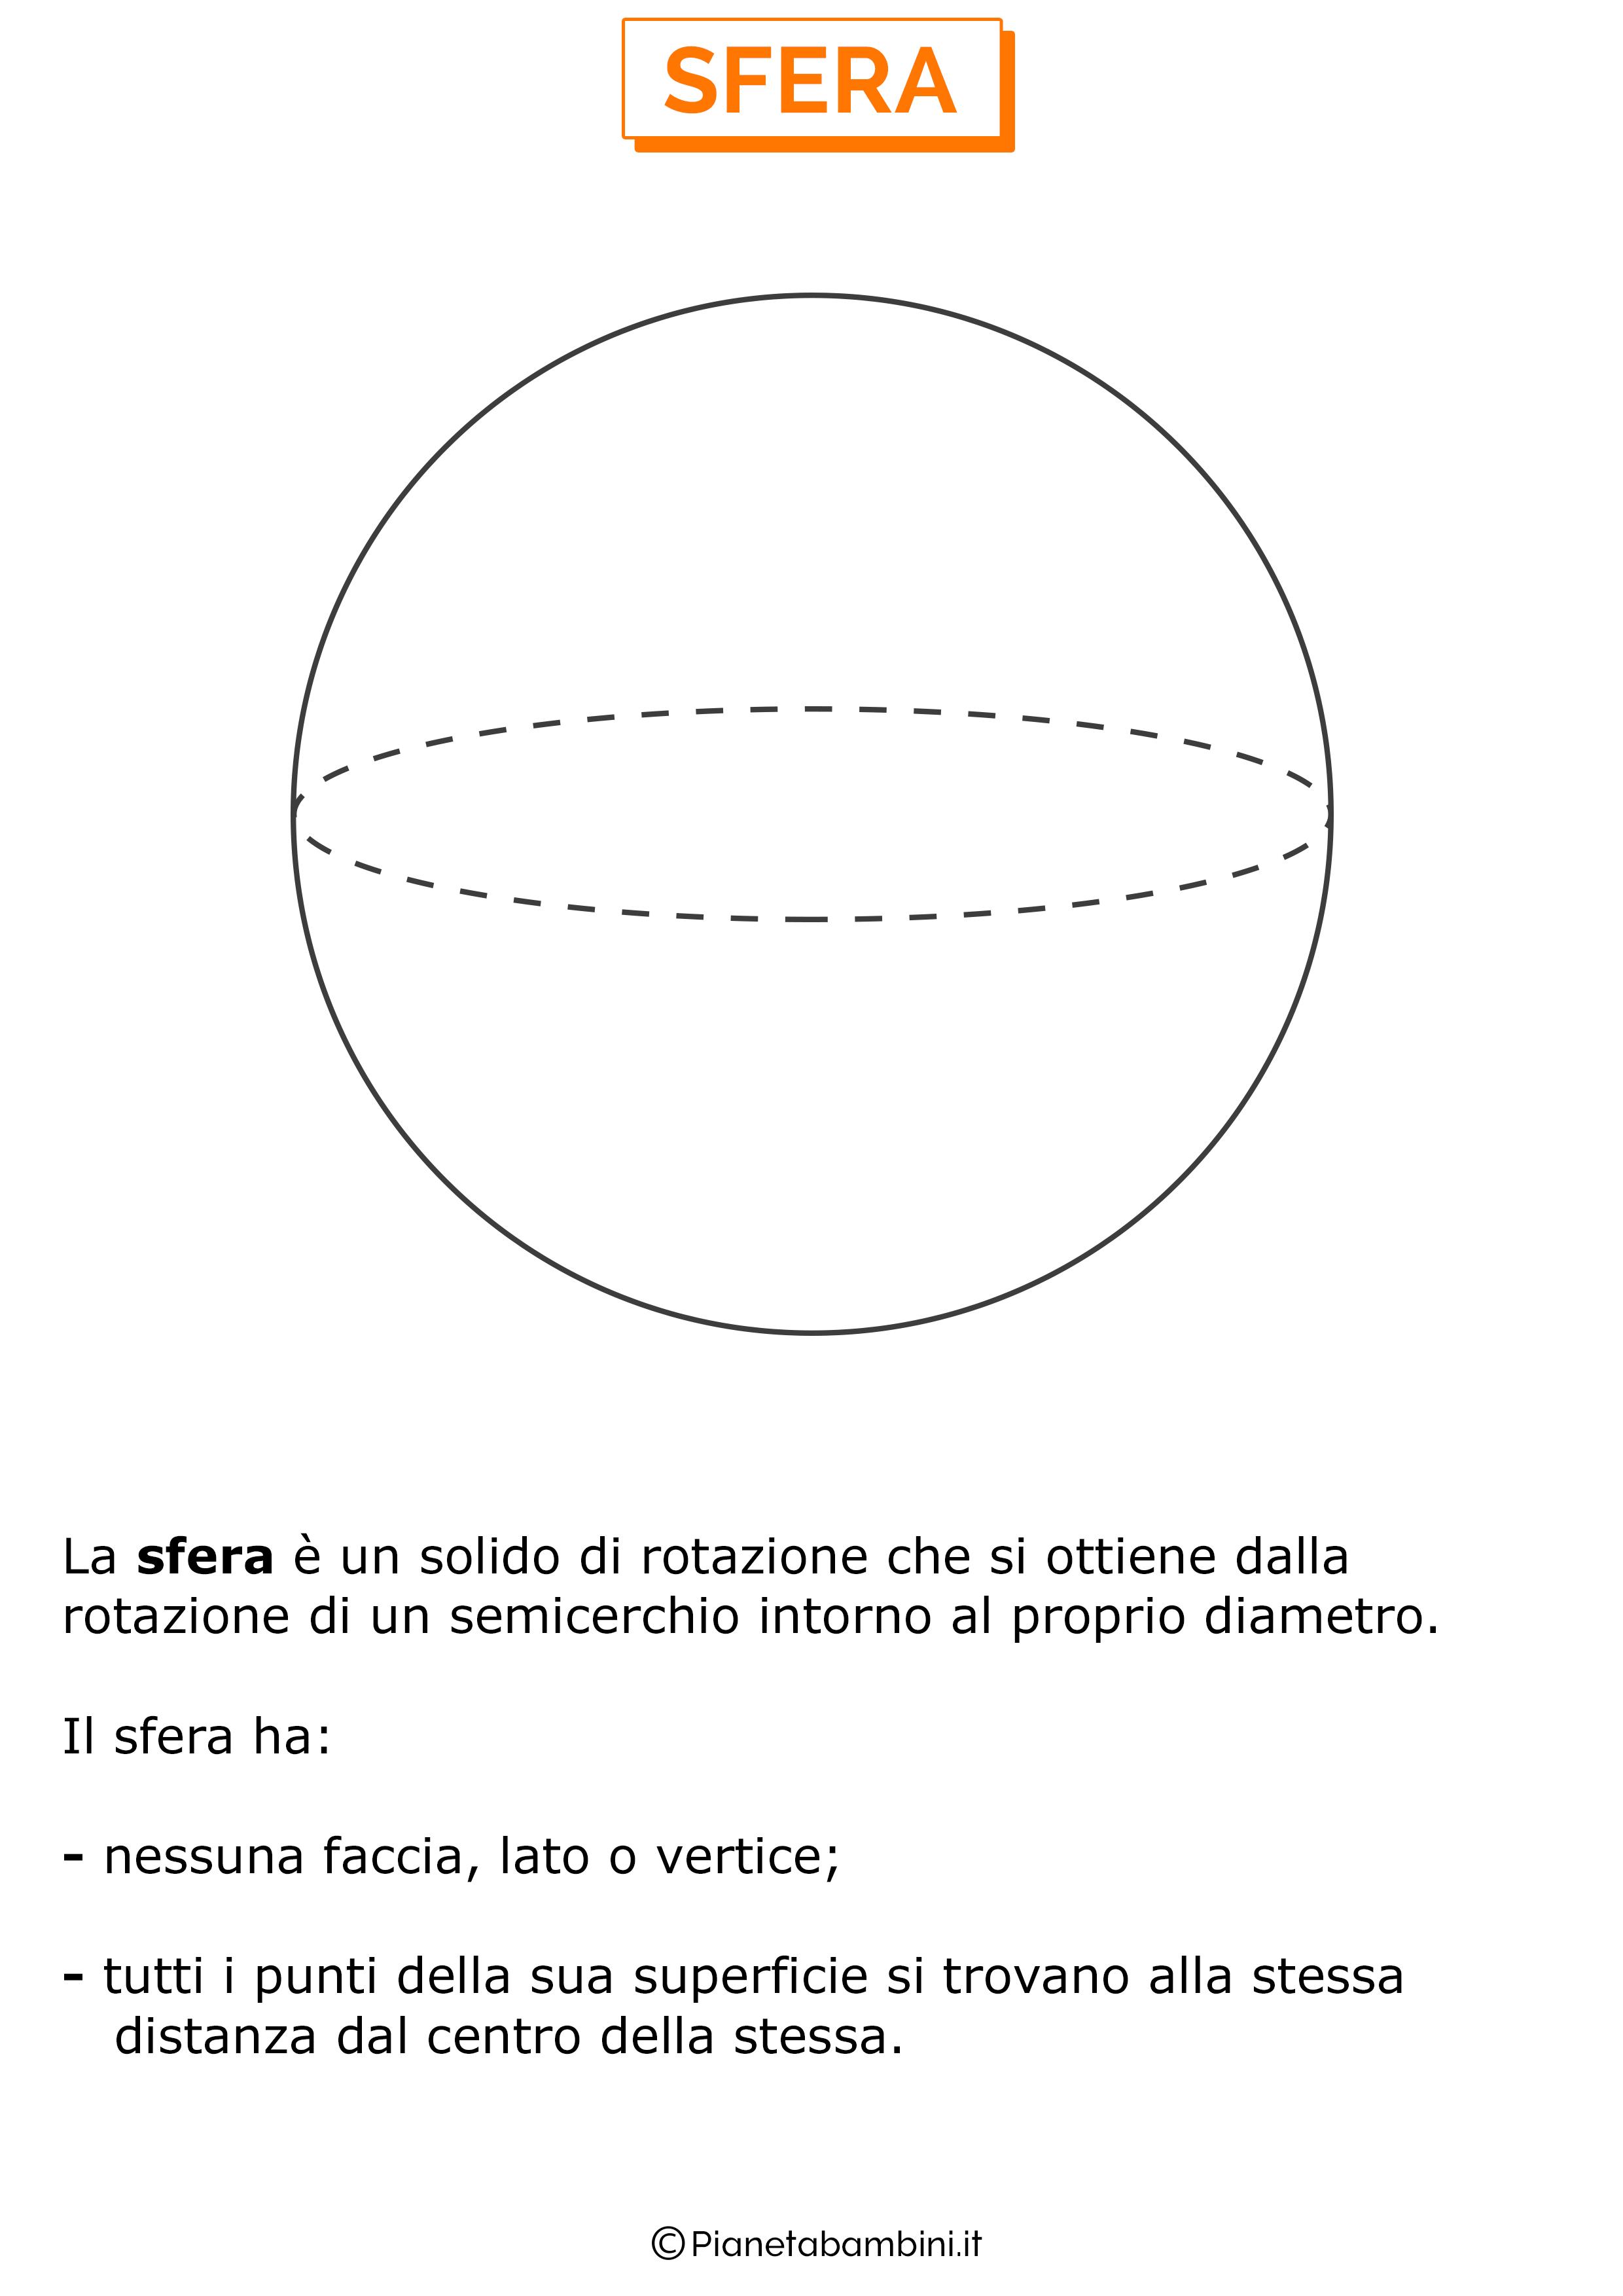 Immagini con nomi dei solidi geometrici per la scuola